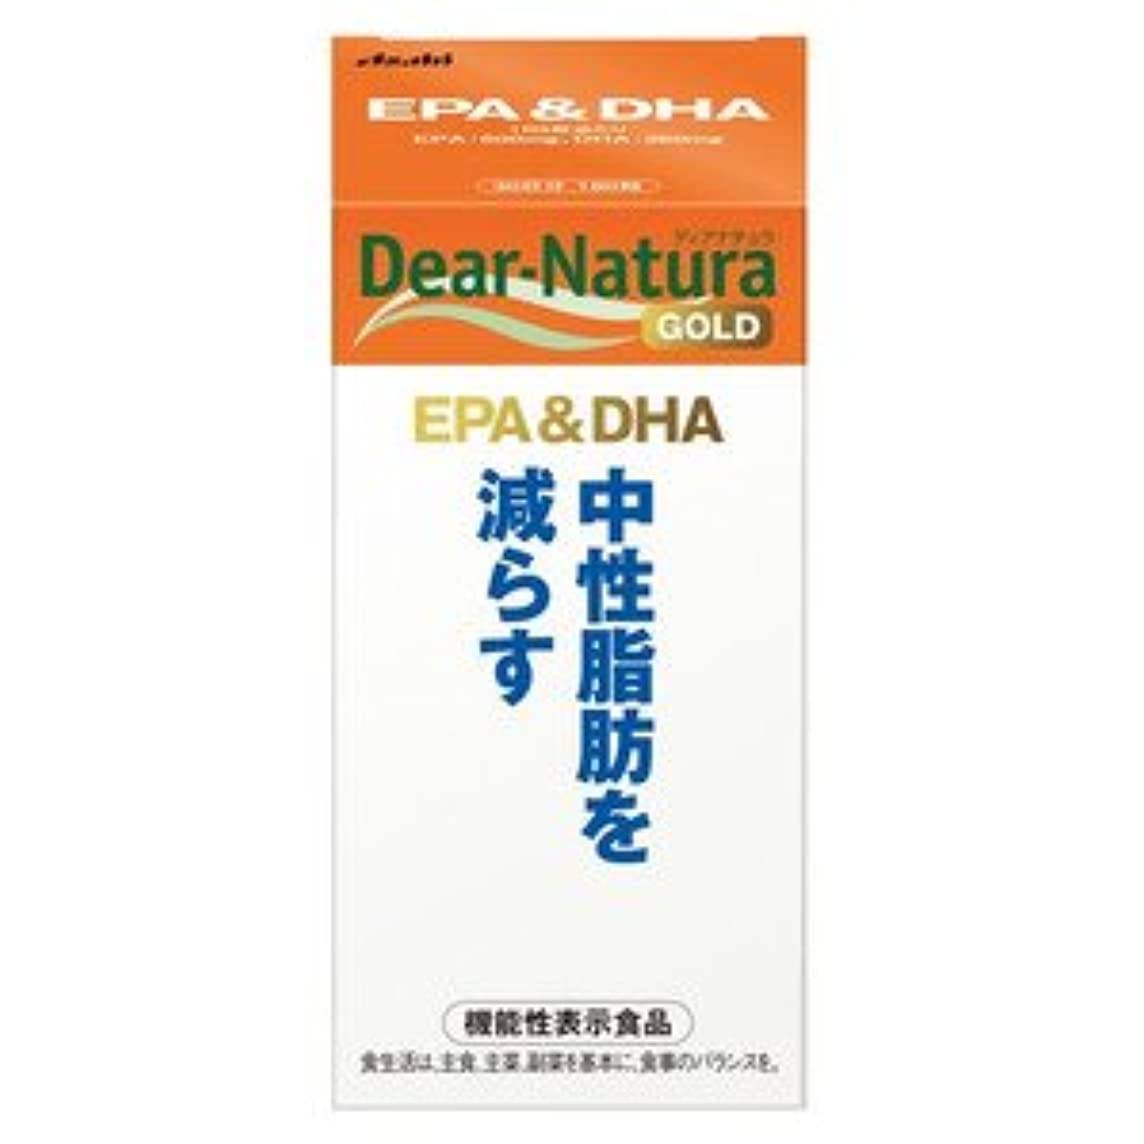 メダリスト学校教育成長(アサヒフード&ヘルスケア)ディアナチュラゴールド EPA&DHA 30日分 180粒(お買い得3個セット)